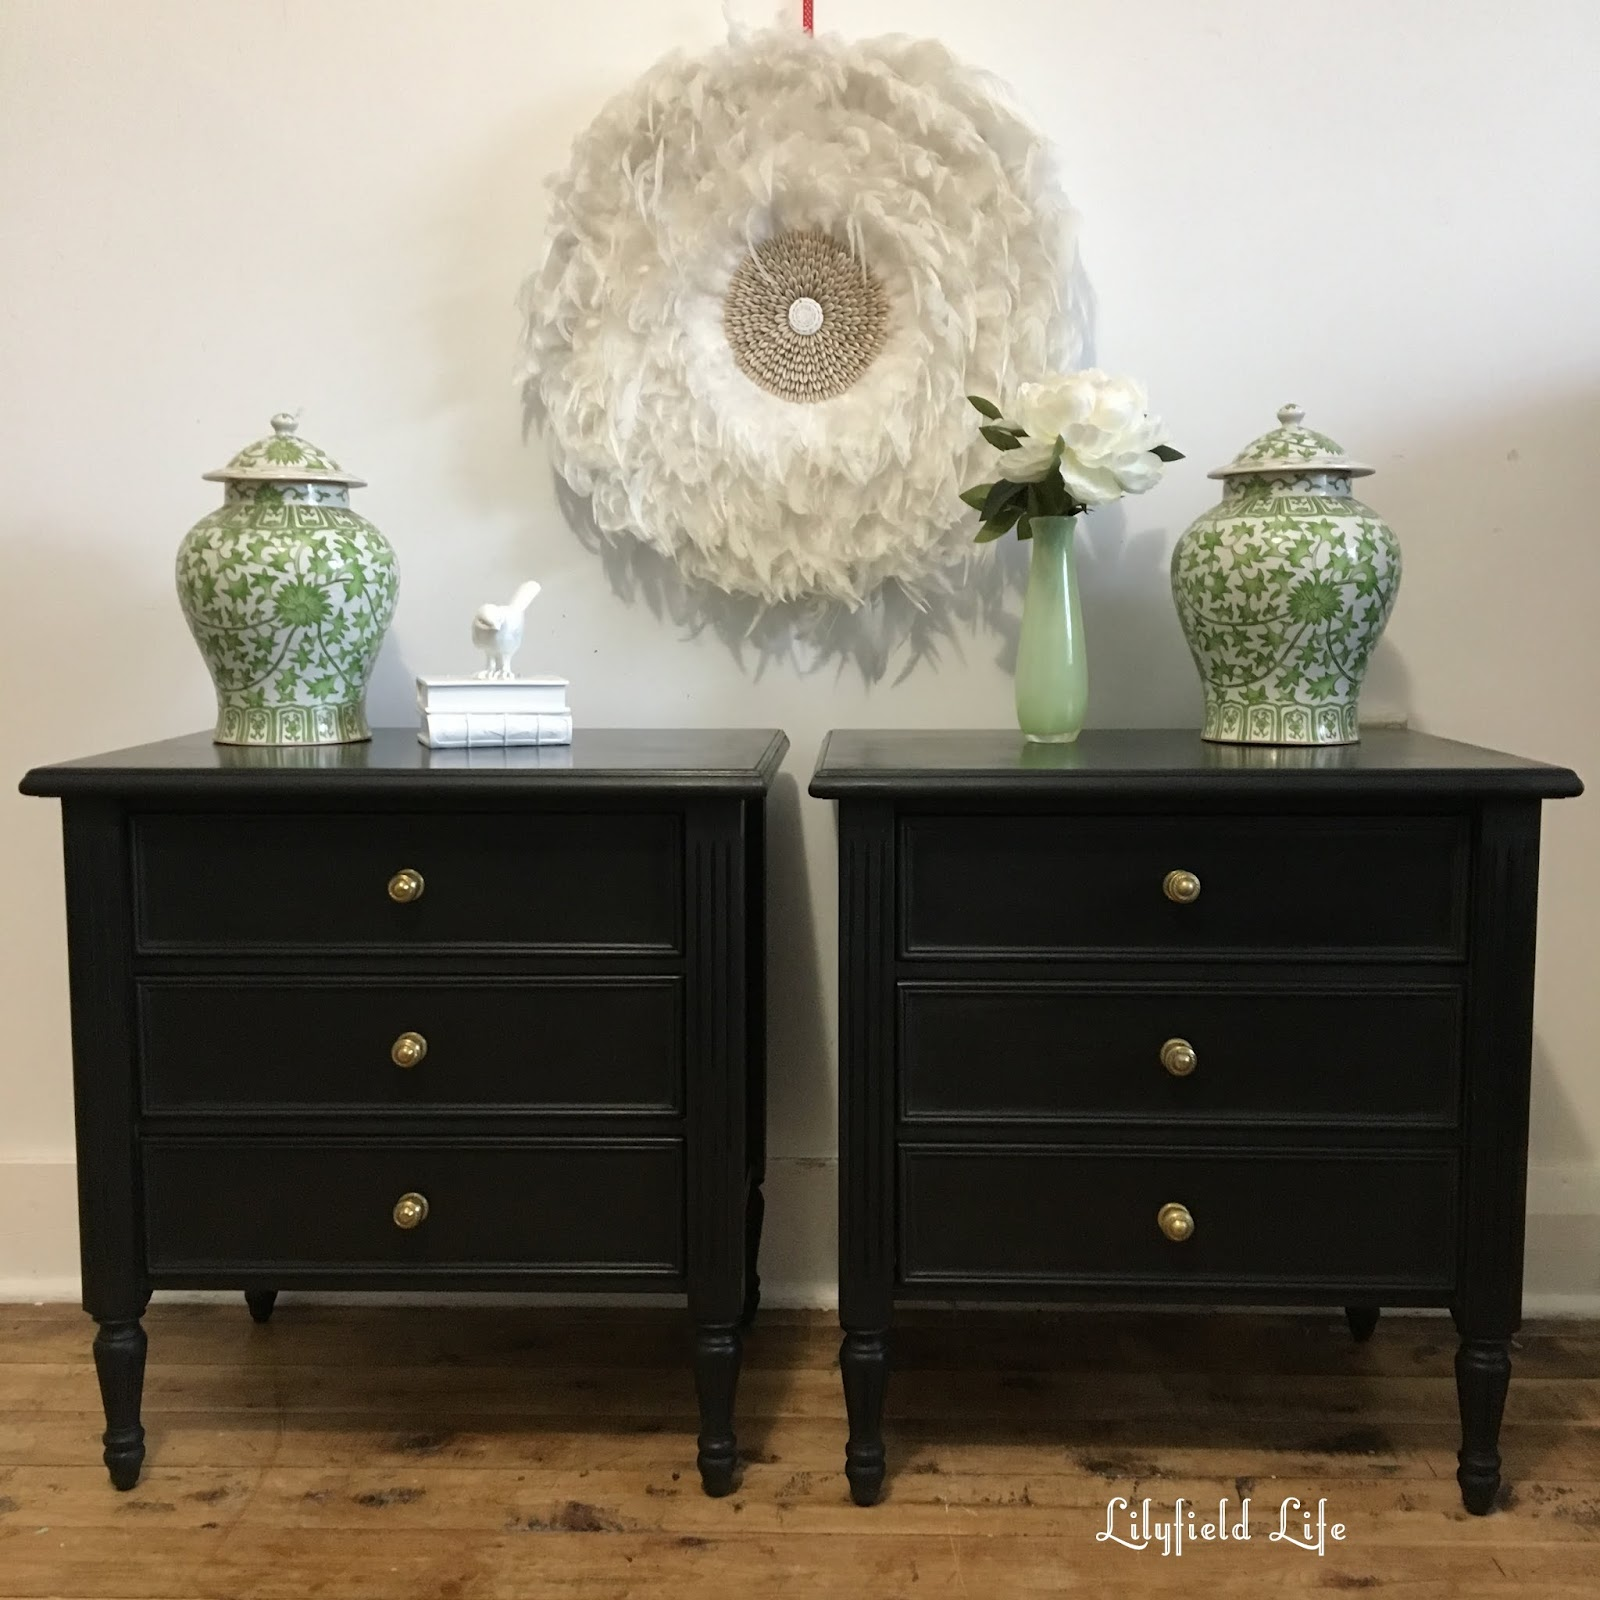 Vintage bedside table ideas - Black Vintage Bedside Tables Lilyfield Life